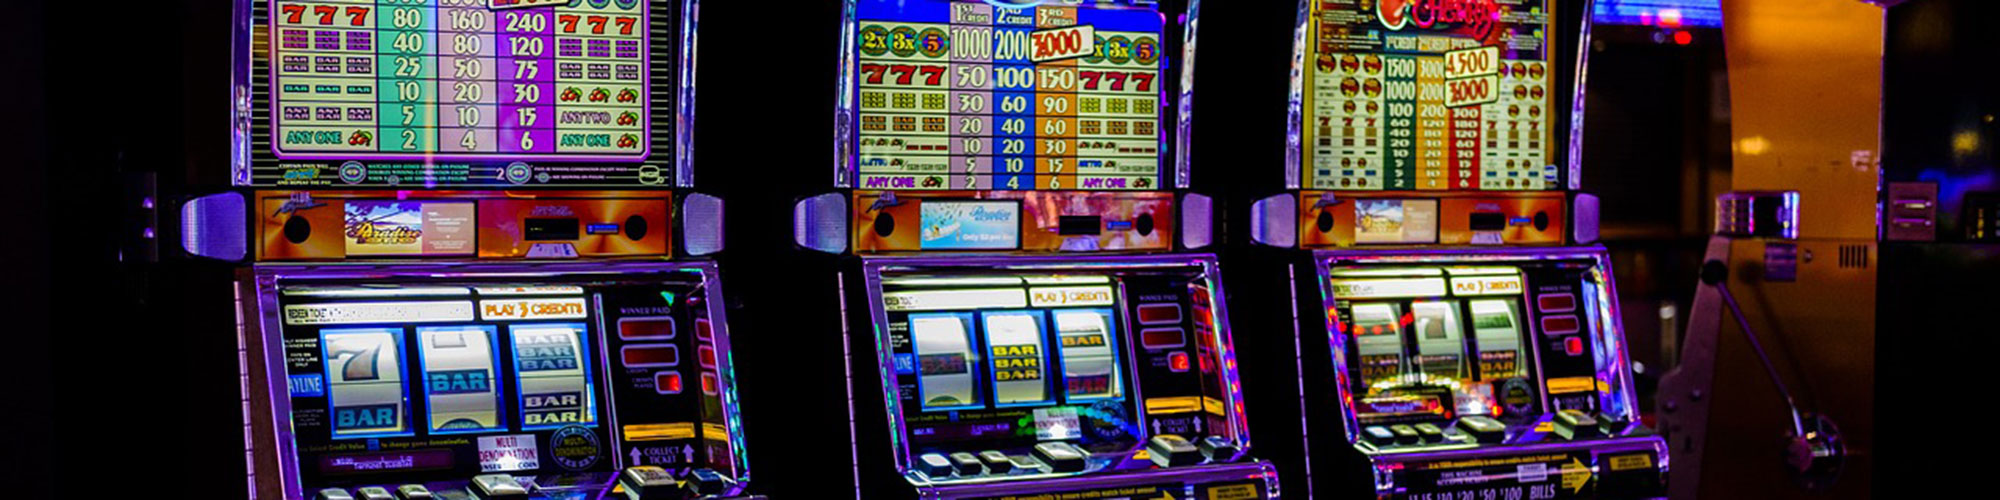 casino-3491252_1280